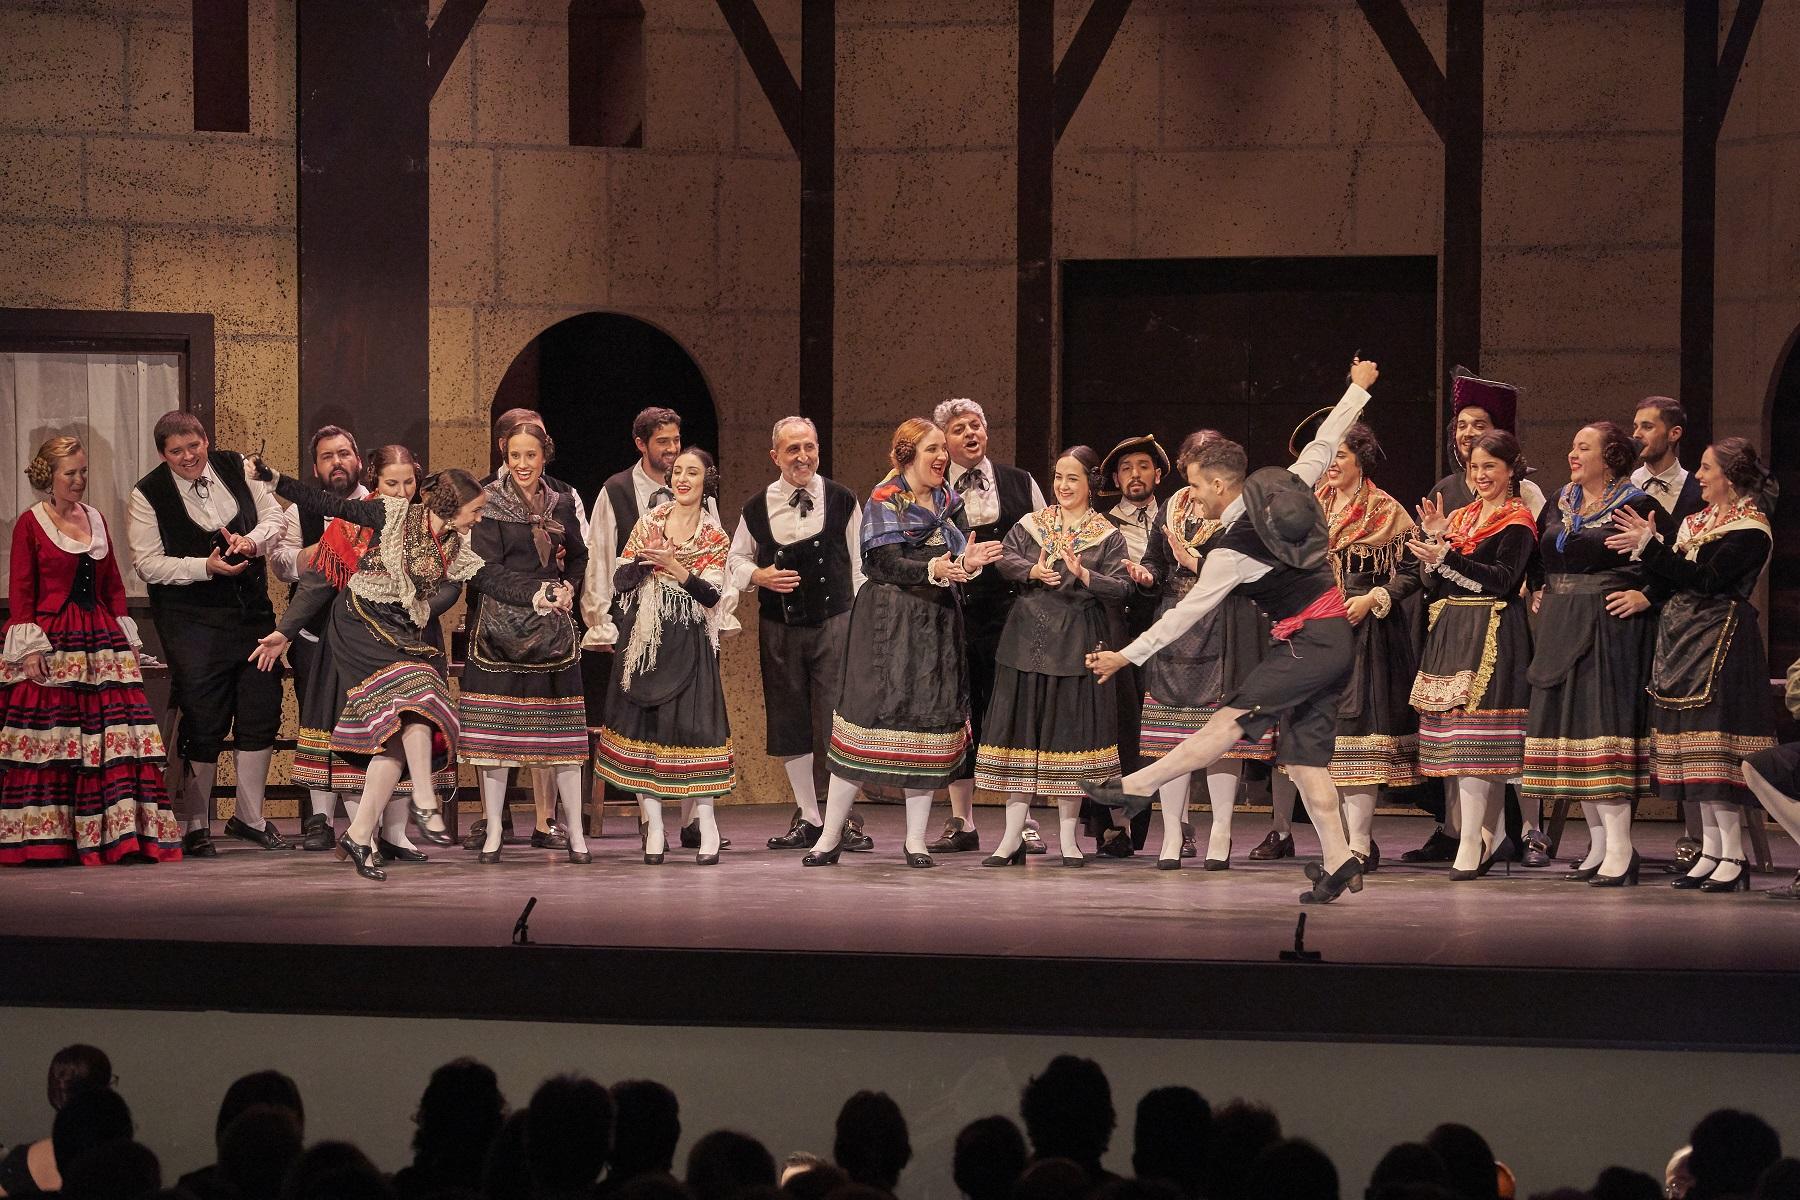 La Compañía Sevillana de Zarzuela regresa al Teatro Lope de Vega